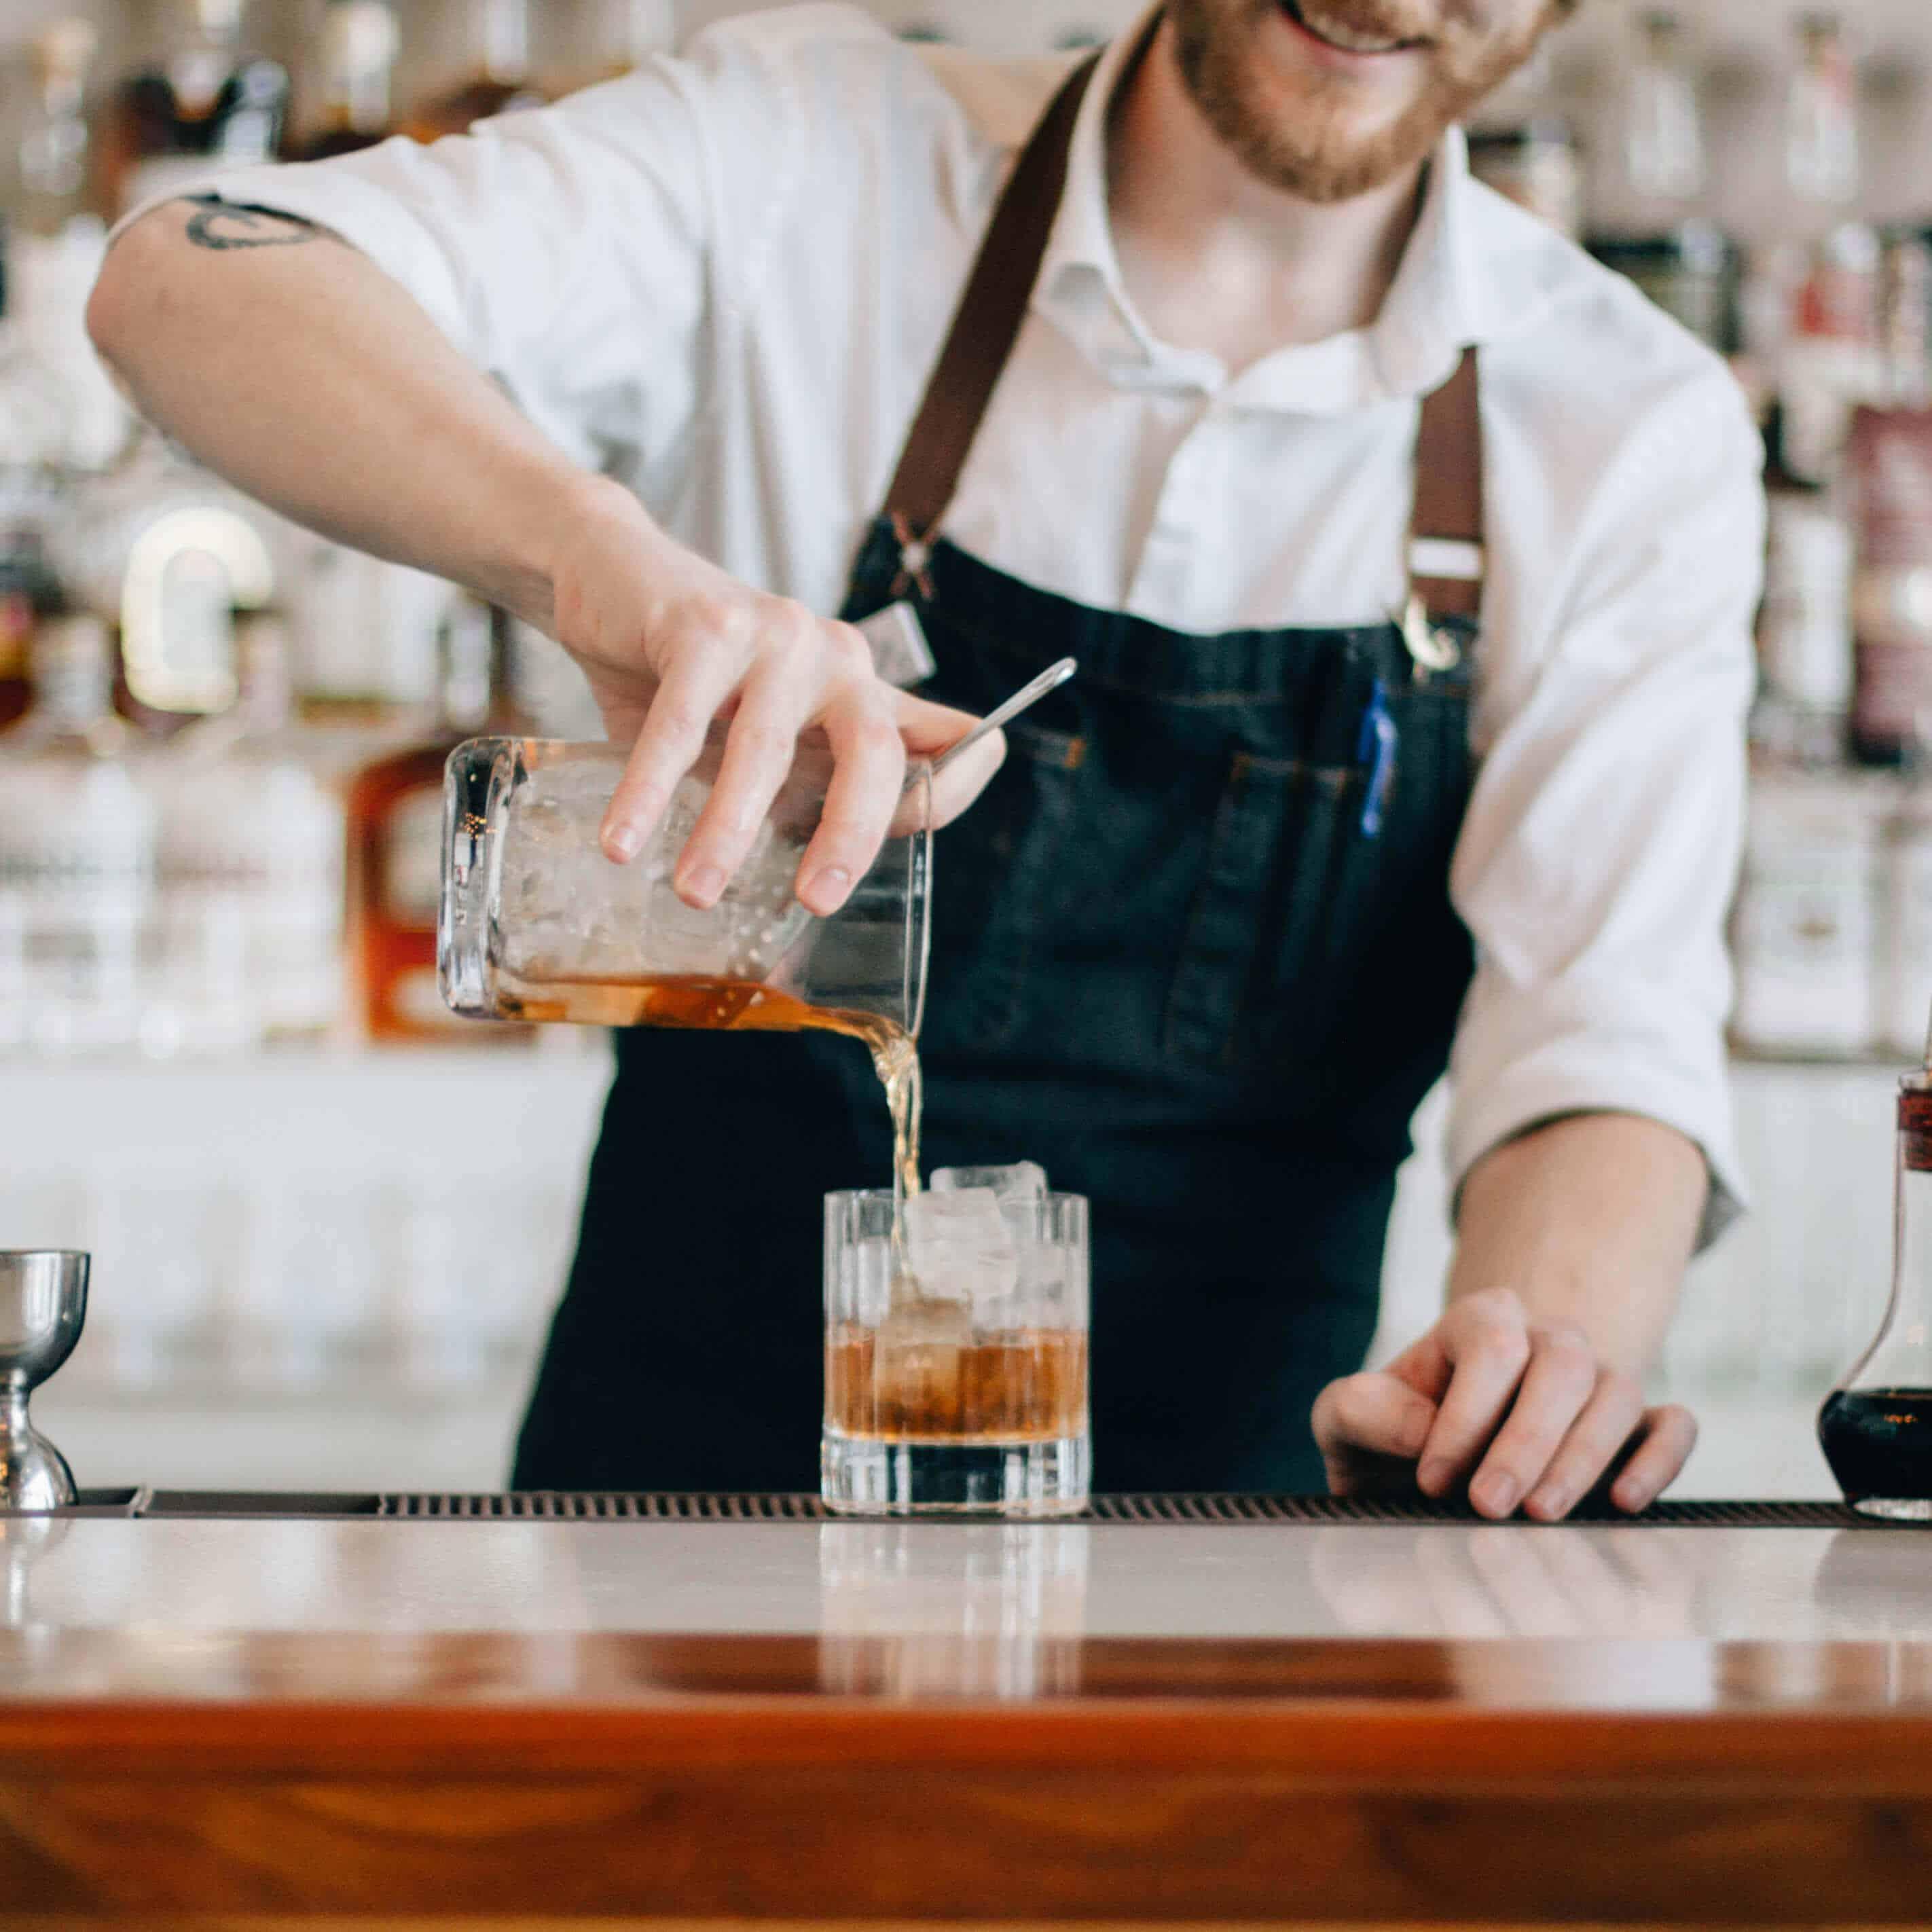 BBN DAY - National Bourbon Day Celebration